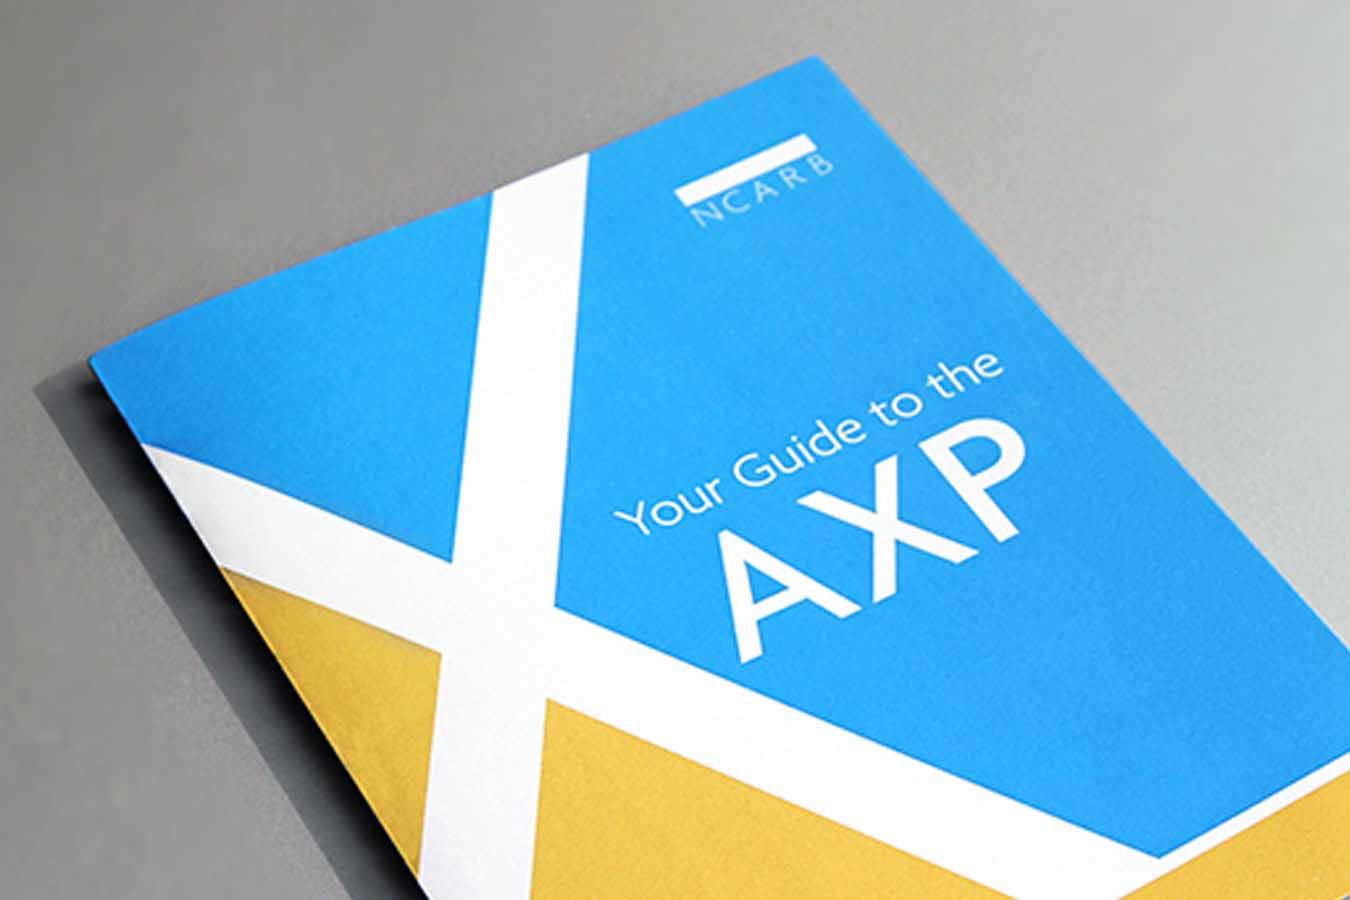 Archisoup-ncarb-AXP.jpg